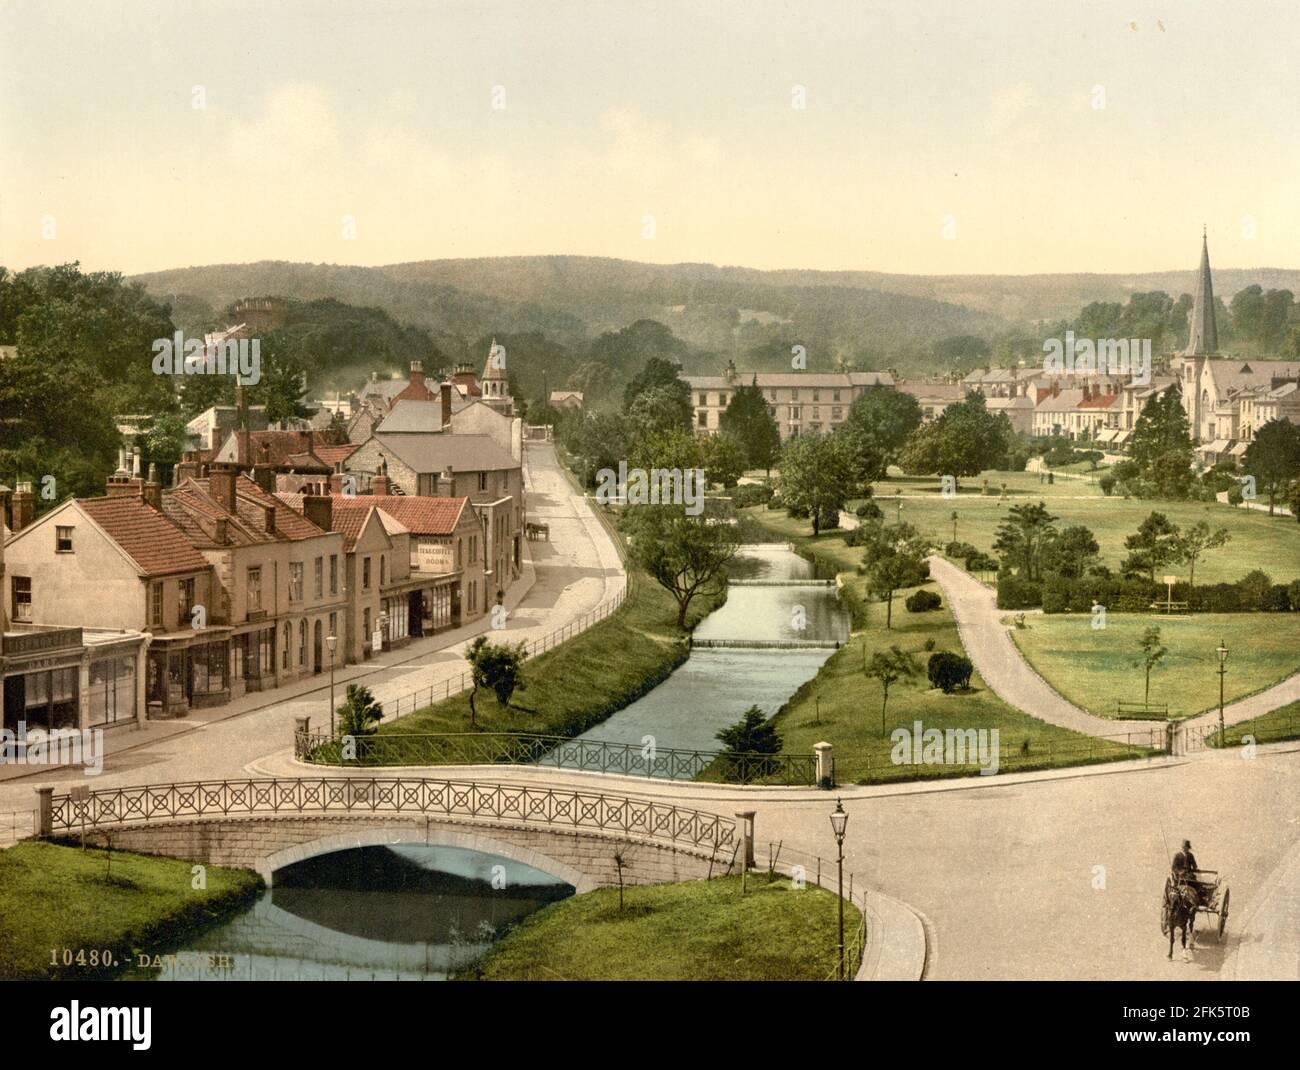 Dawlish dans le Devon vers 1890-1900 Banque D'Images